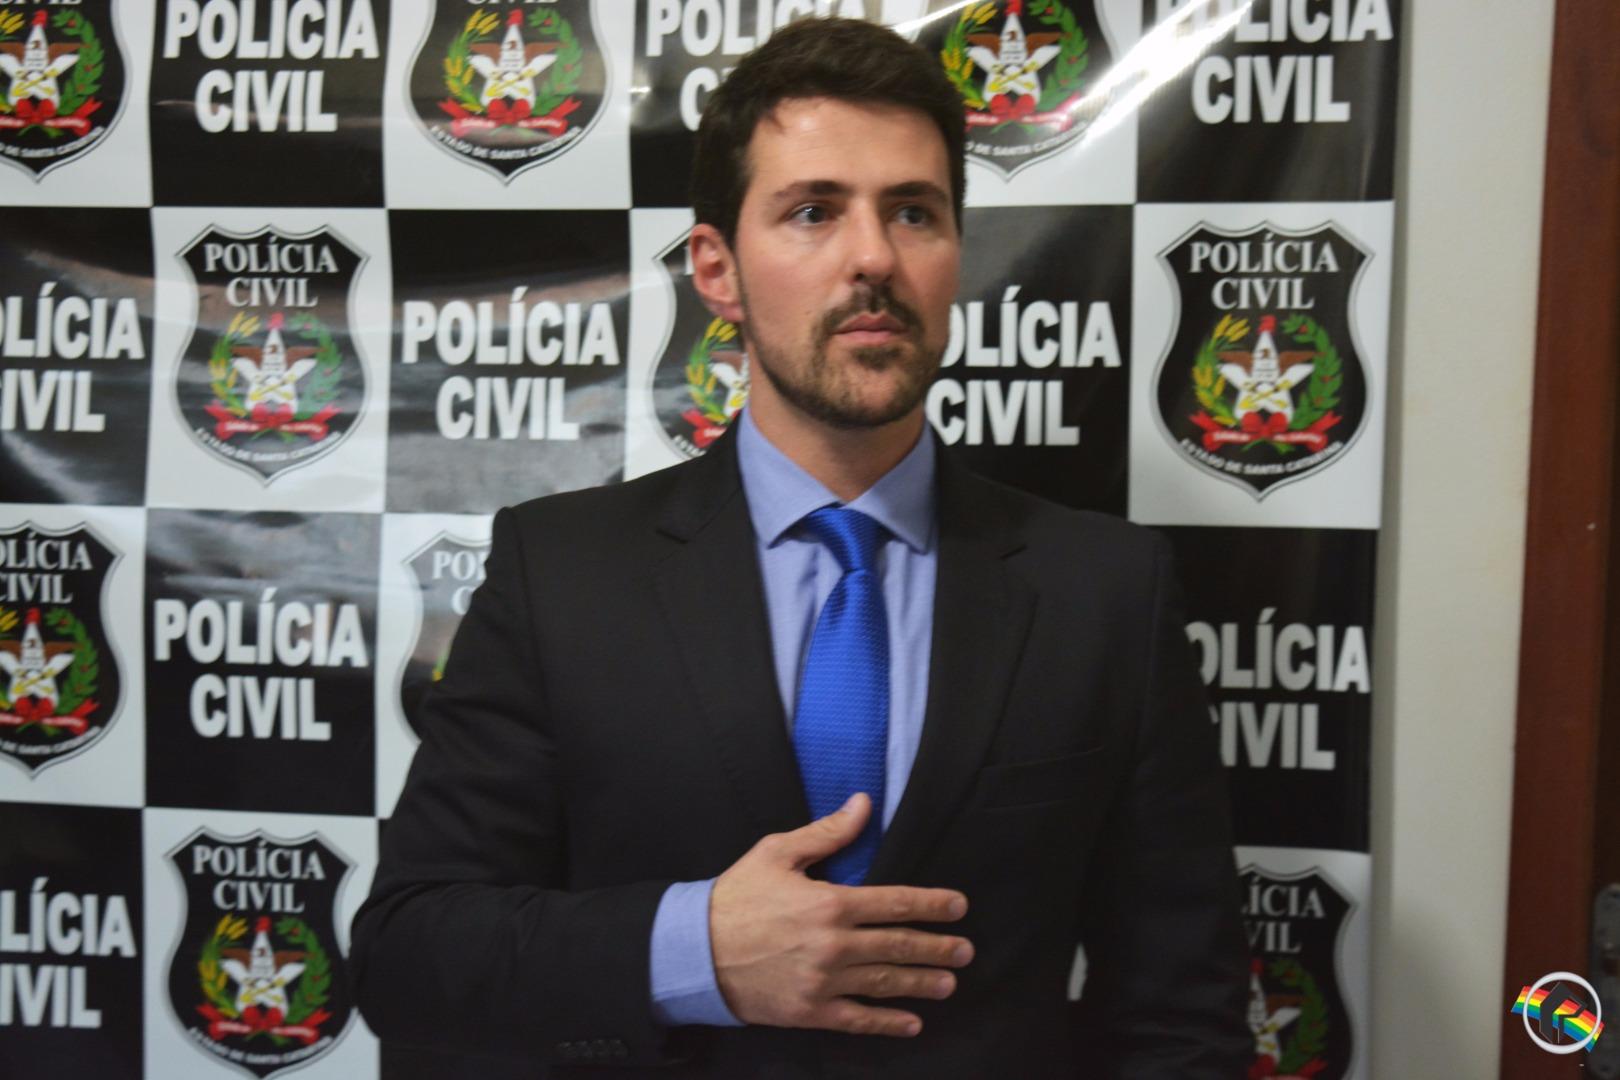 Polícia Civil conclui investigação sobre assassinato no interior